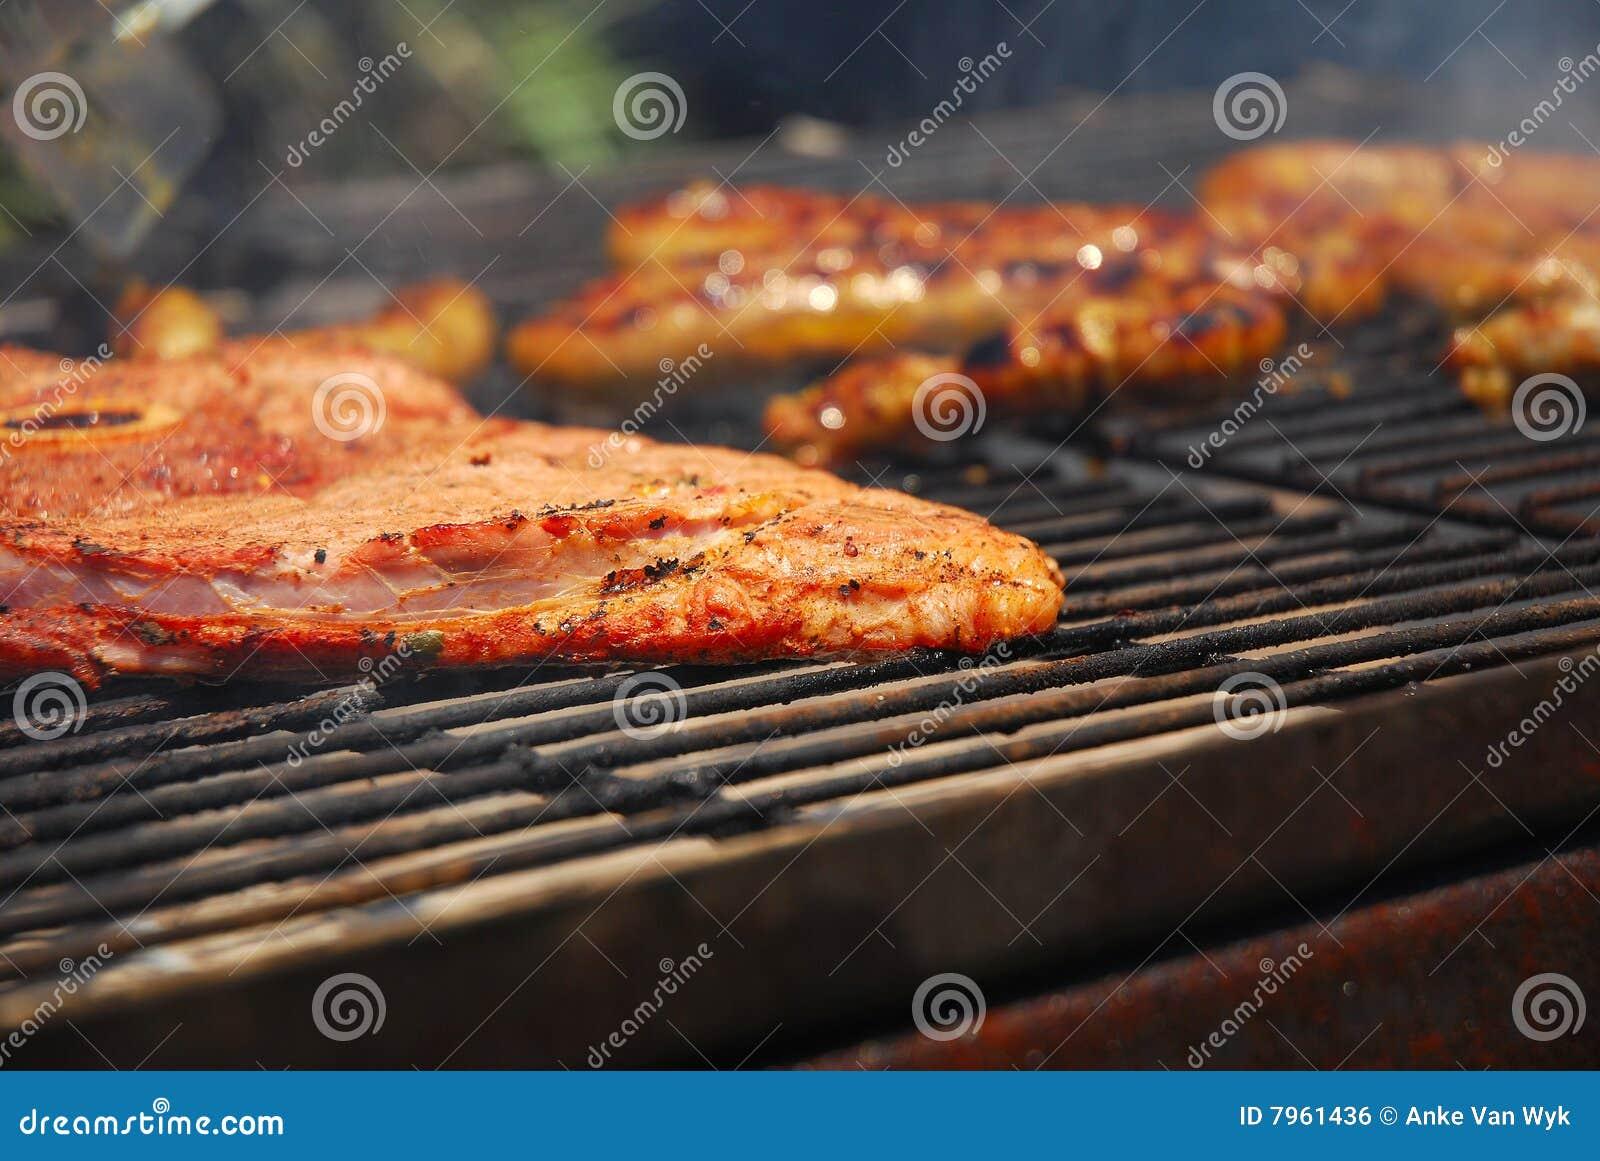 Carne asada a la parilla en braai surafricano